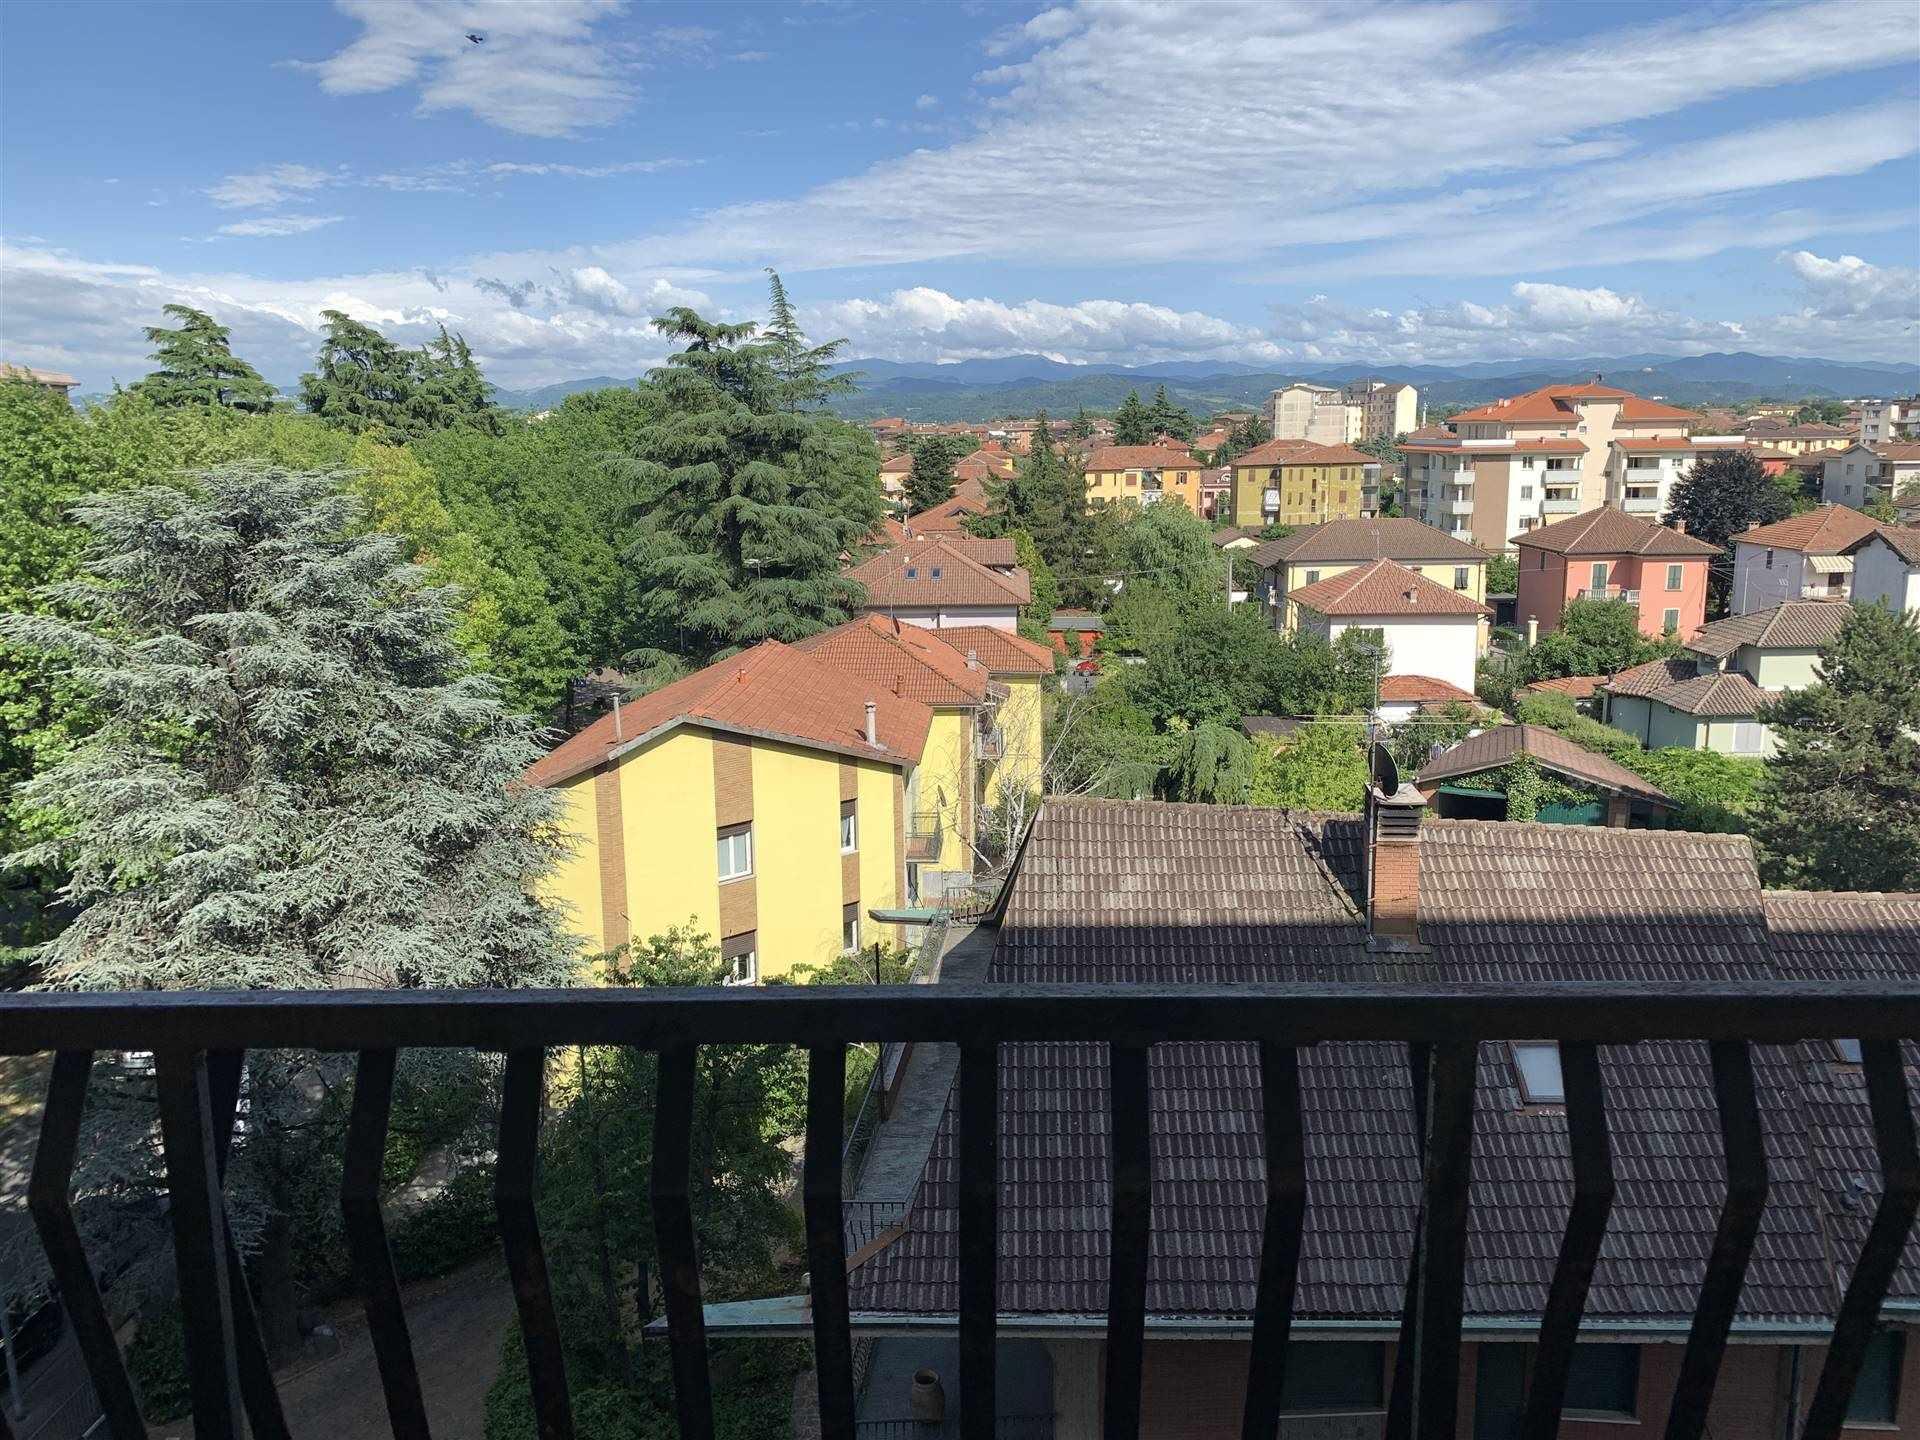 Appartamento in vendita a Novi Ligure, 3 locali, zona Località: VIALI, prezzo € 35.000 | CambioCasa.it